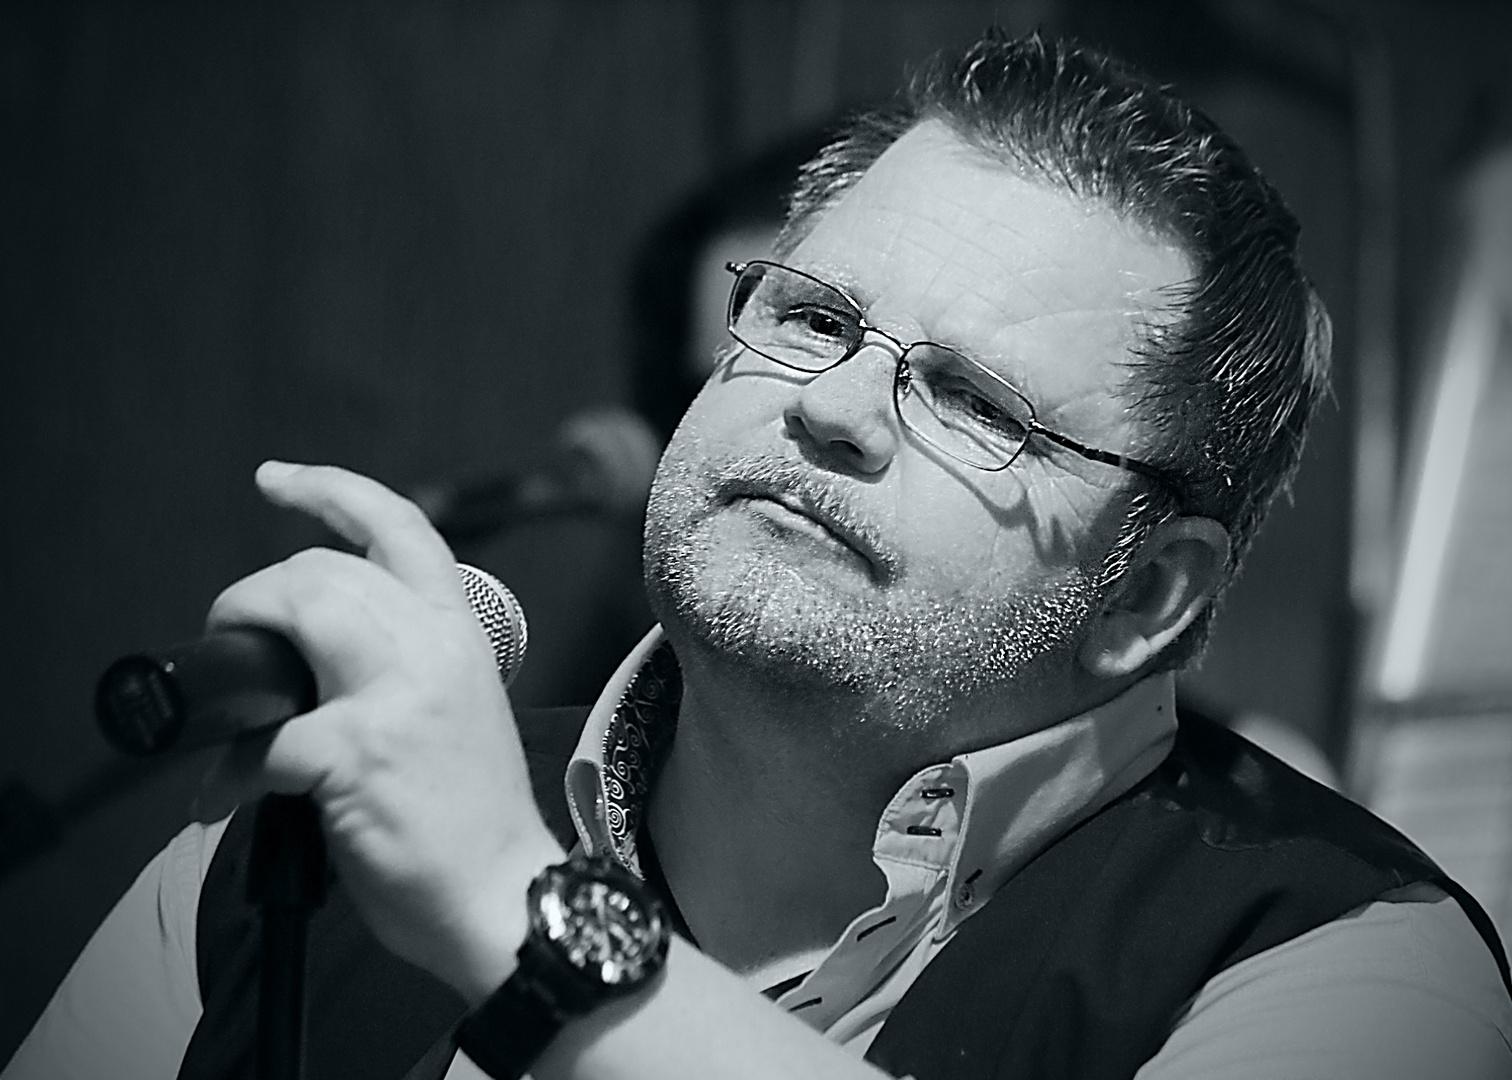 Martin Prais